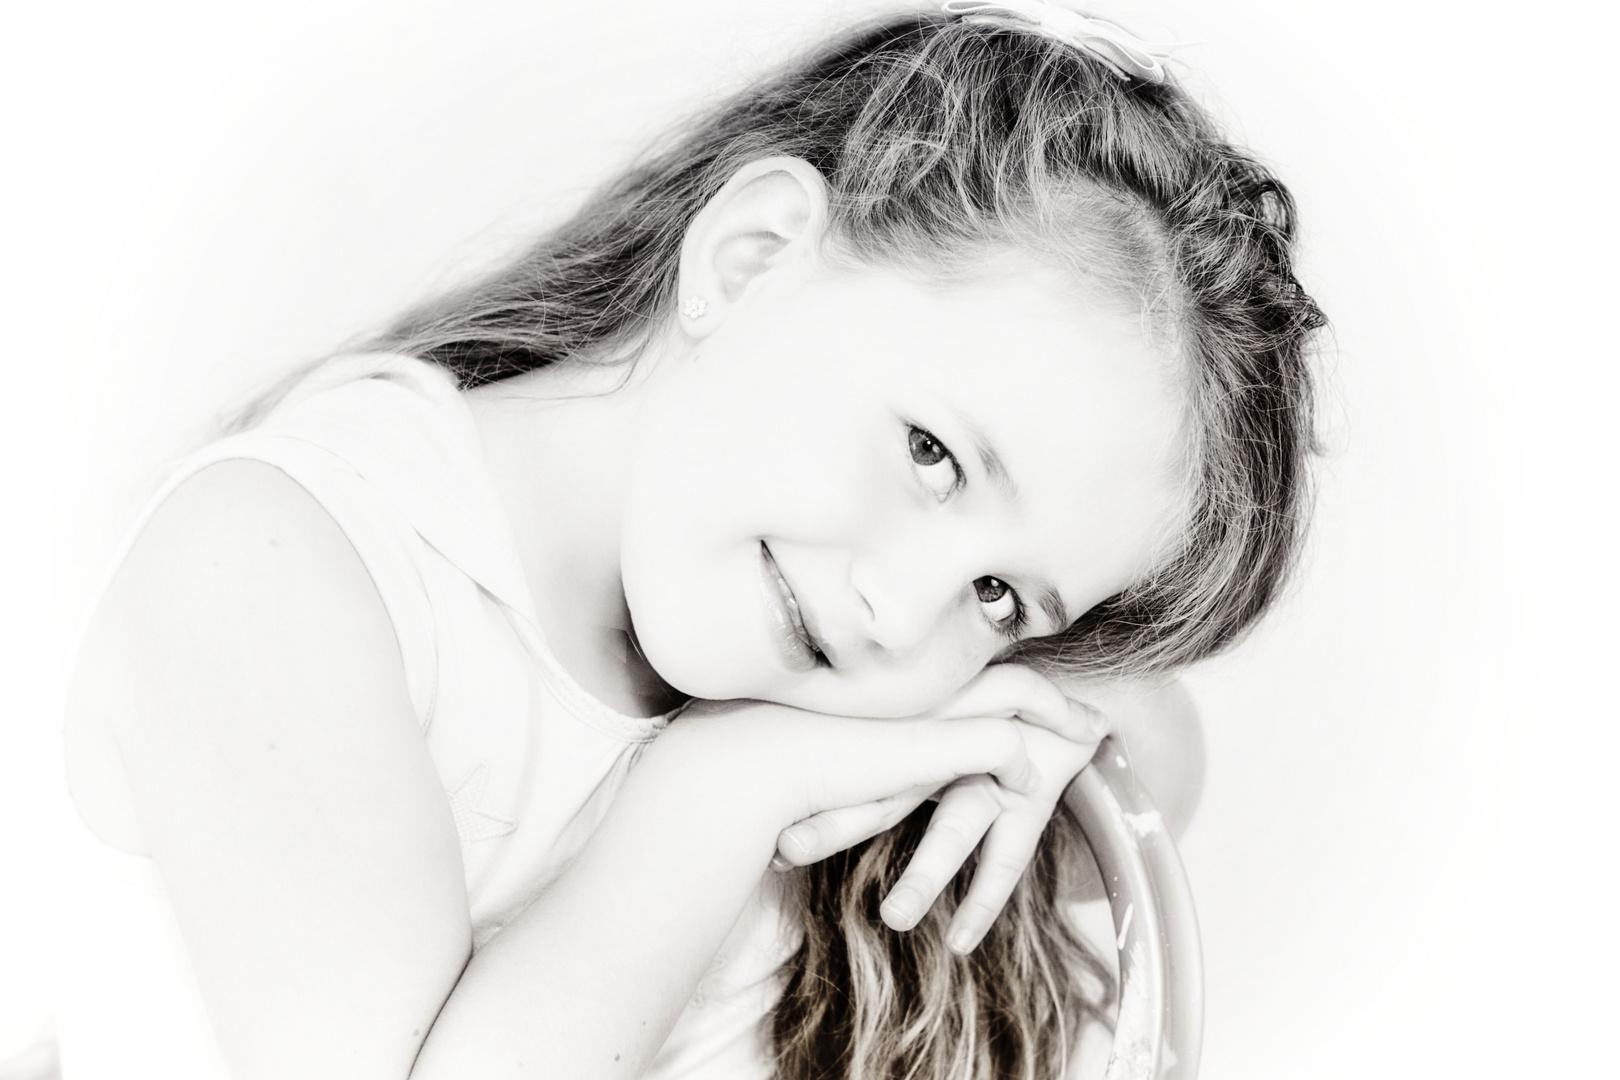 Leonie #1